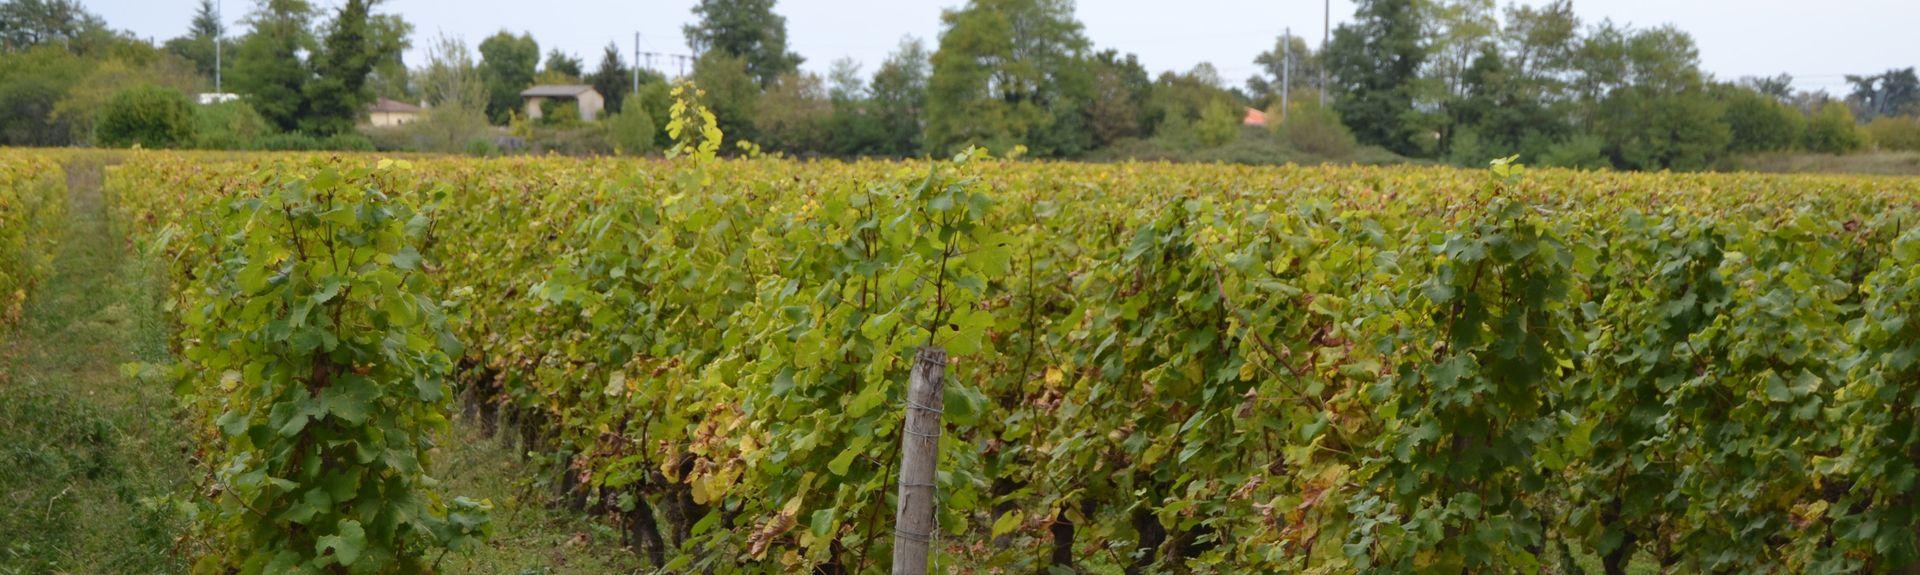 Villandraut, Aquitaine-Limousin-Poitou-Charentes, Francja